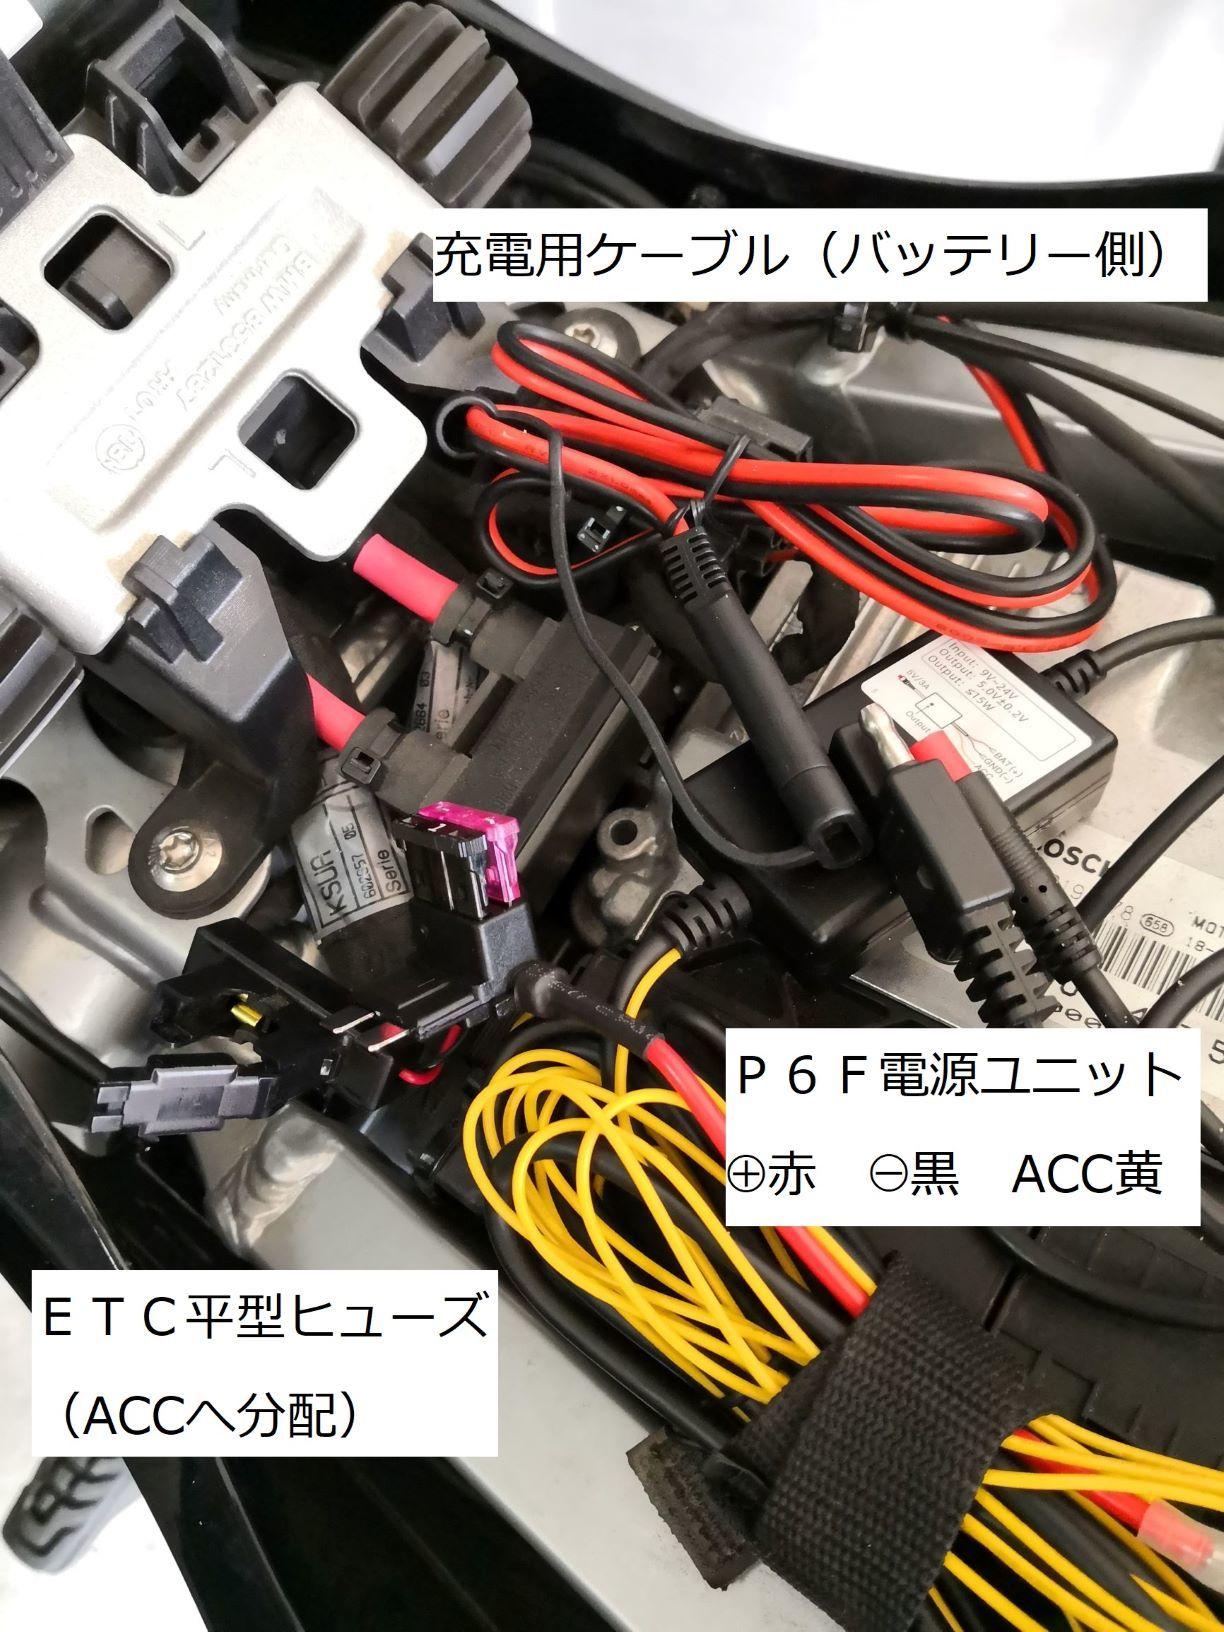 【2020年進化版】VSYSTO バイク用ドライブレコーダー_b0026671_19154087.jpg